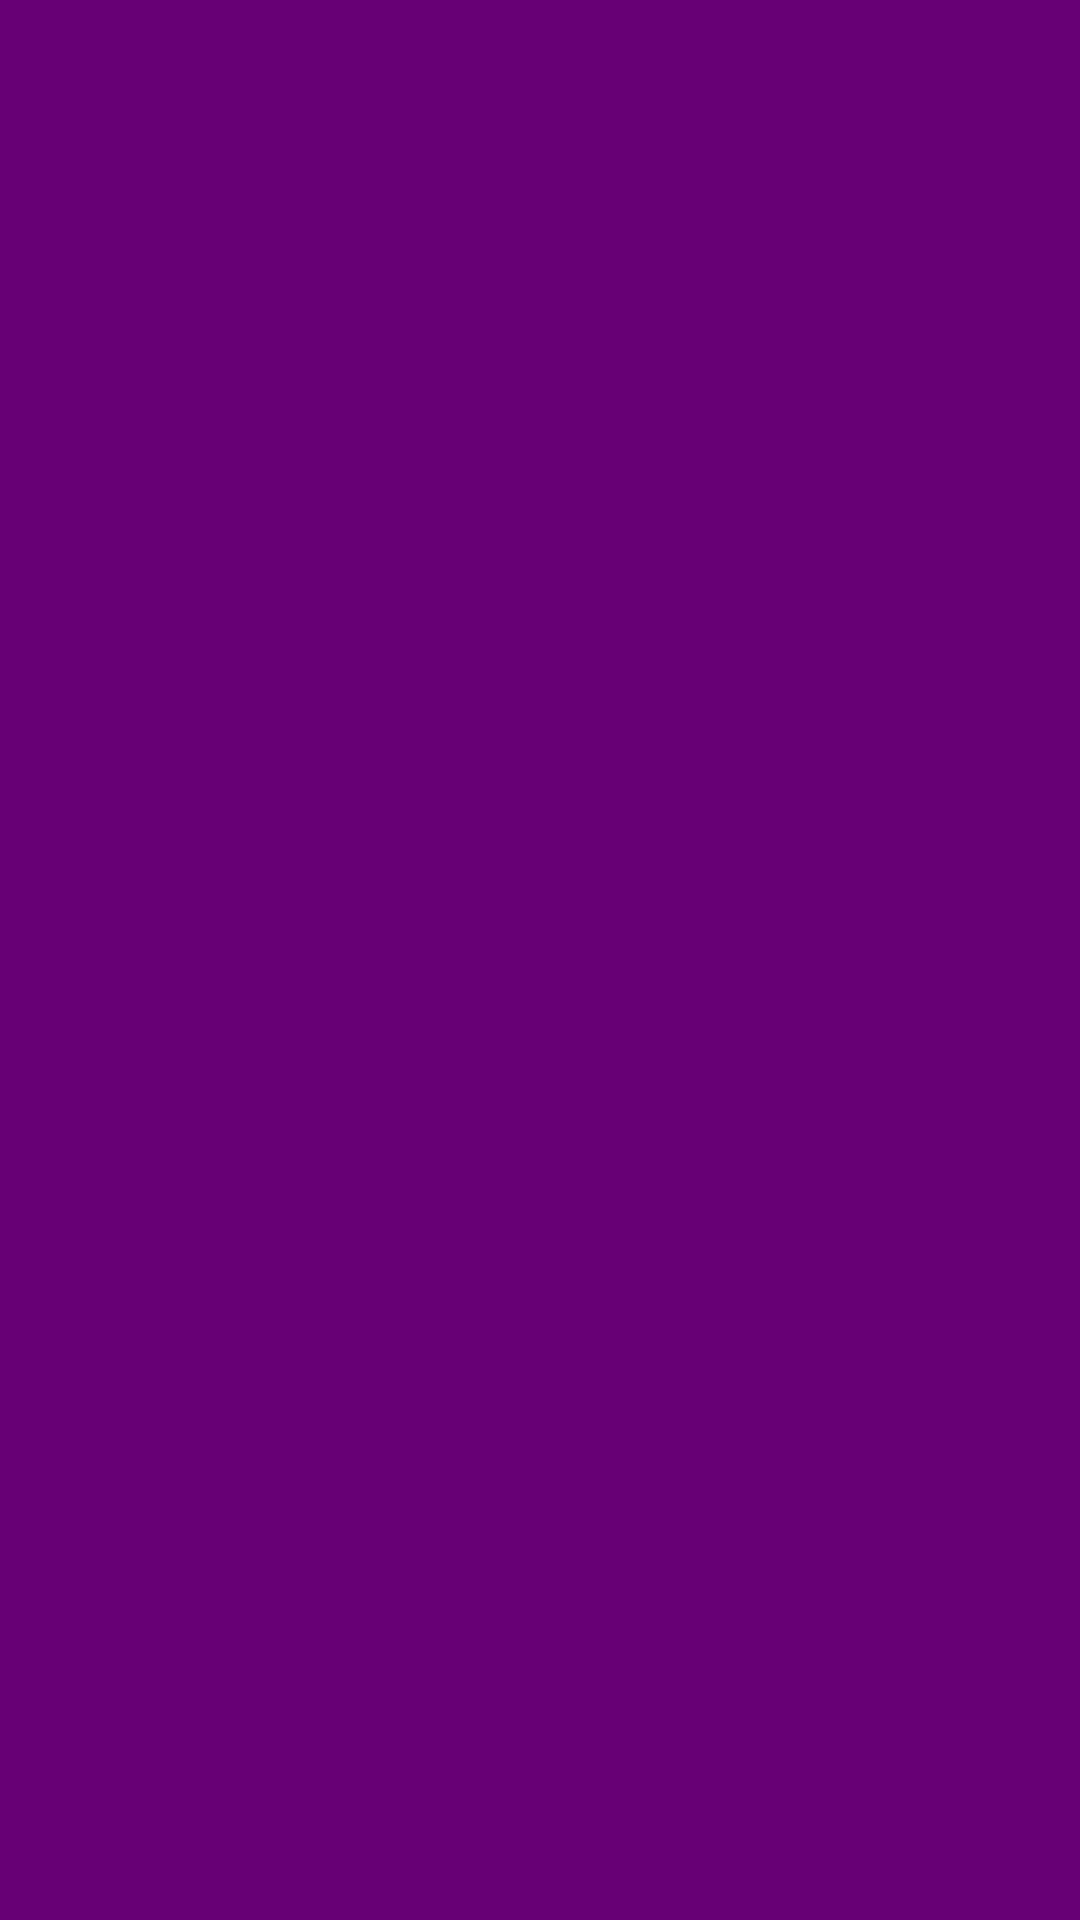 Violet zinzolin (couleur utilisée au 18e siècle) | VIOLET